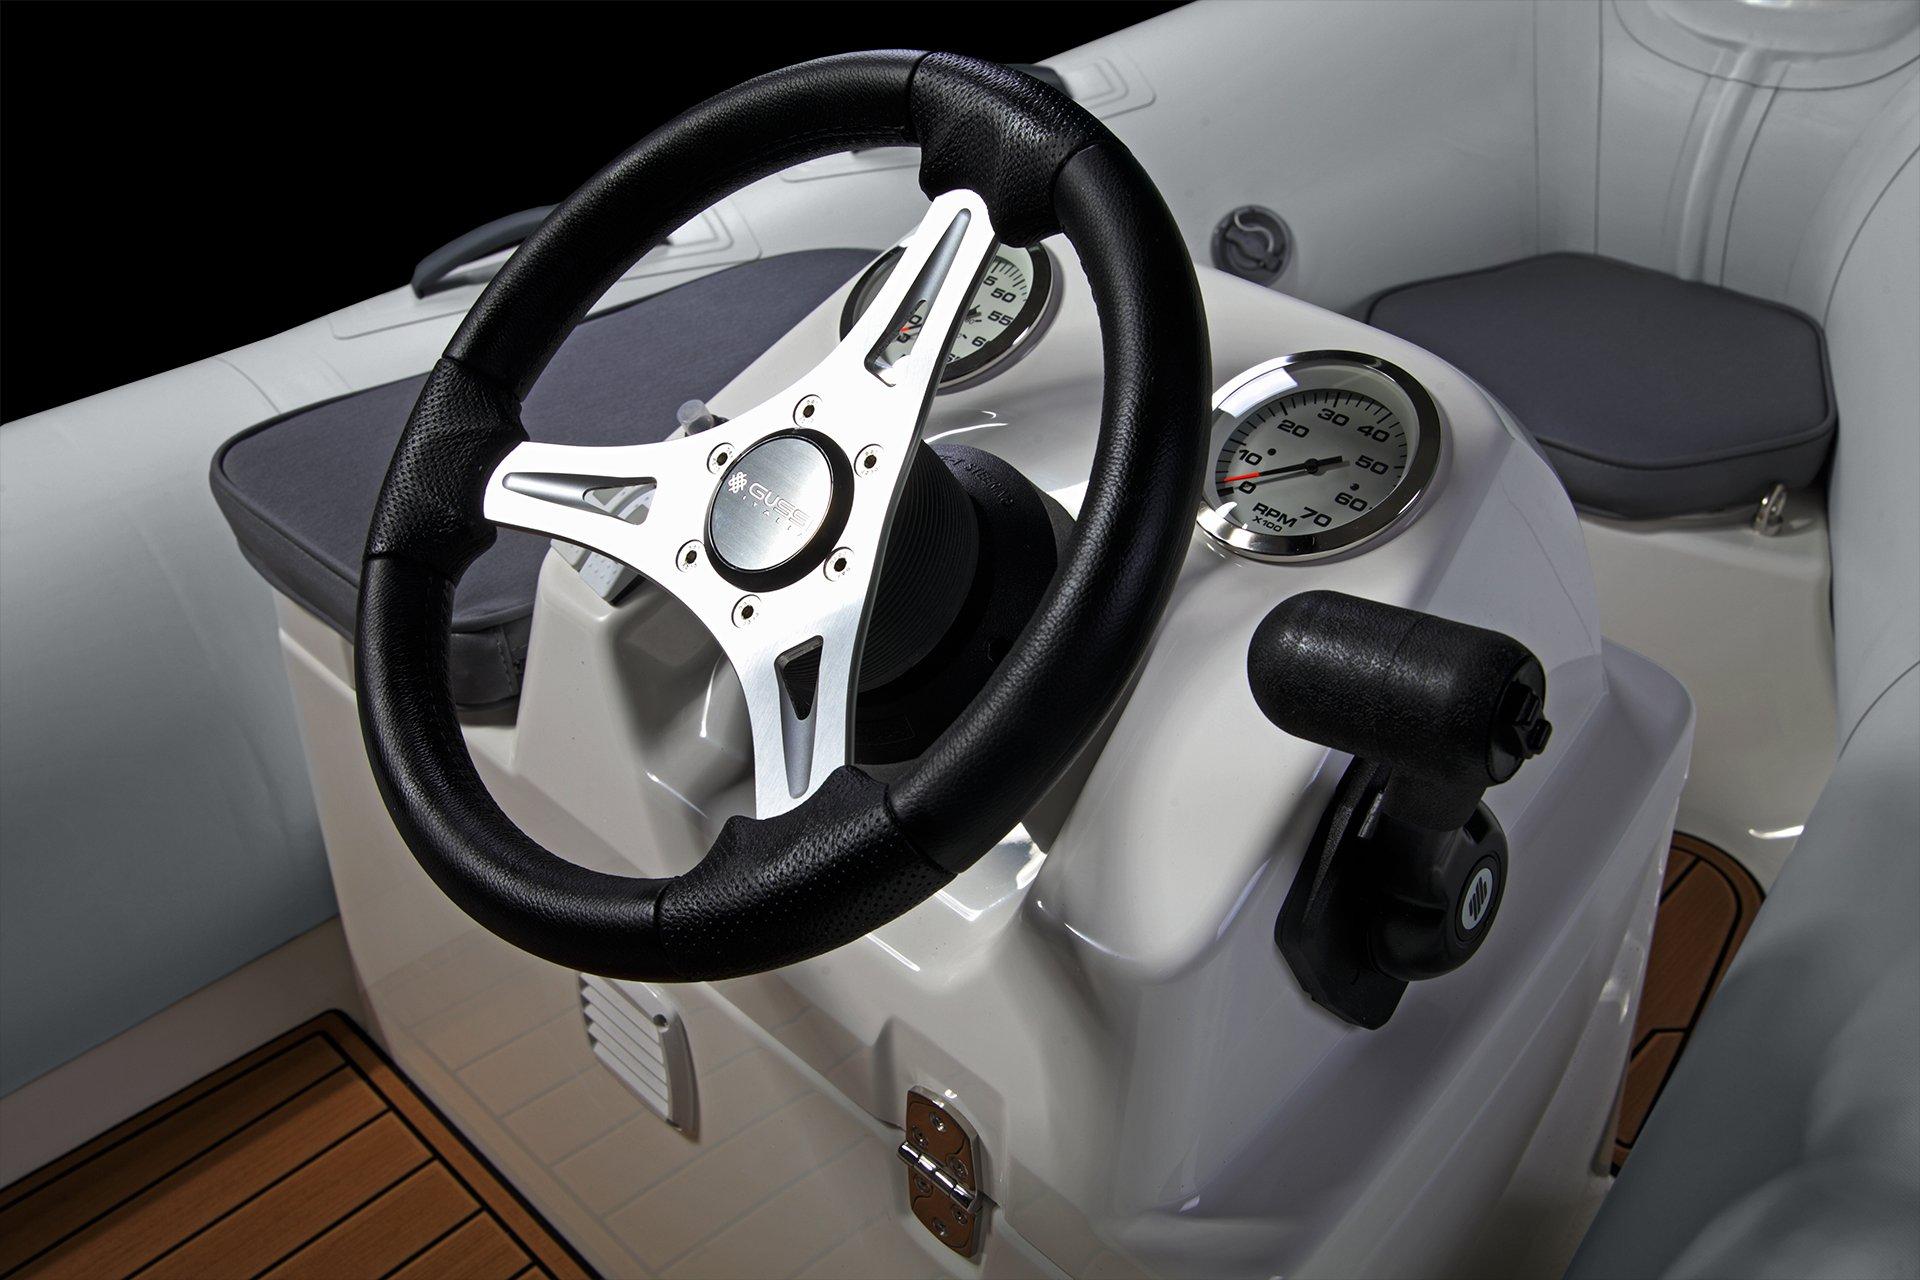 Falcon 330 Cockpit